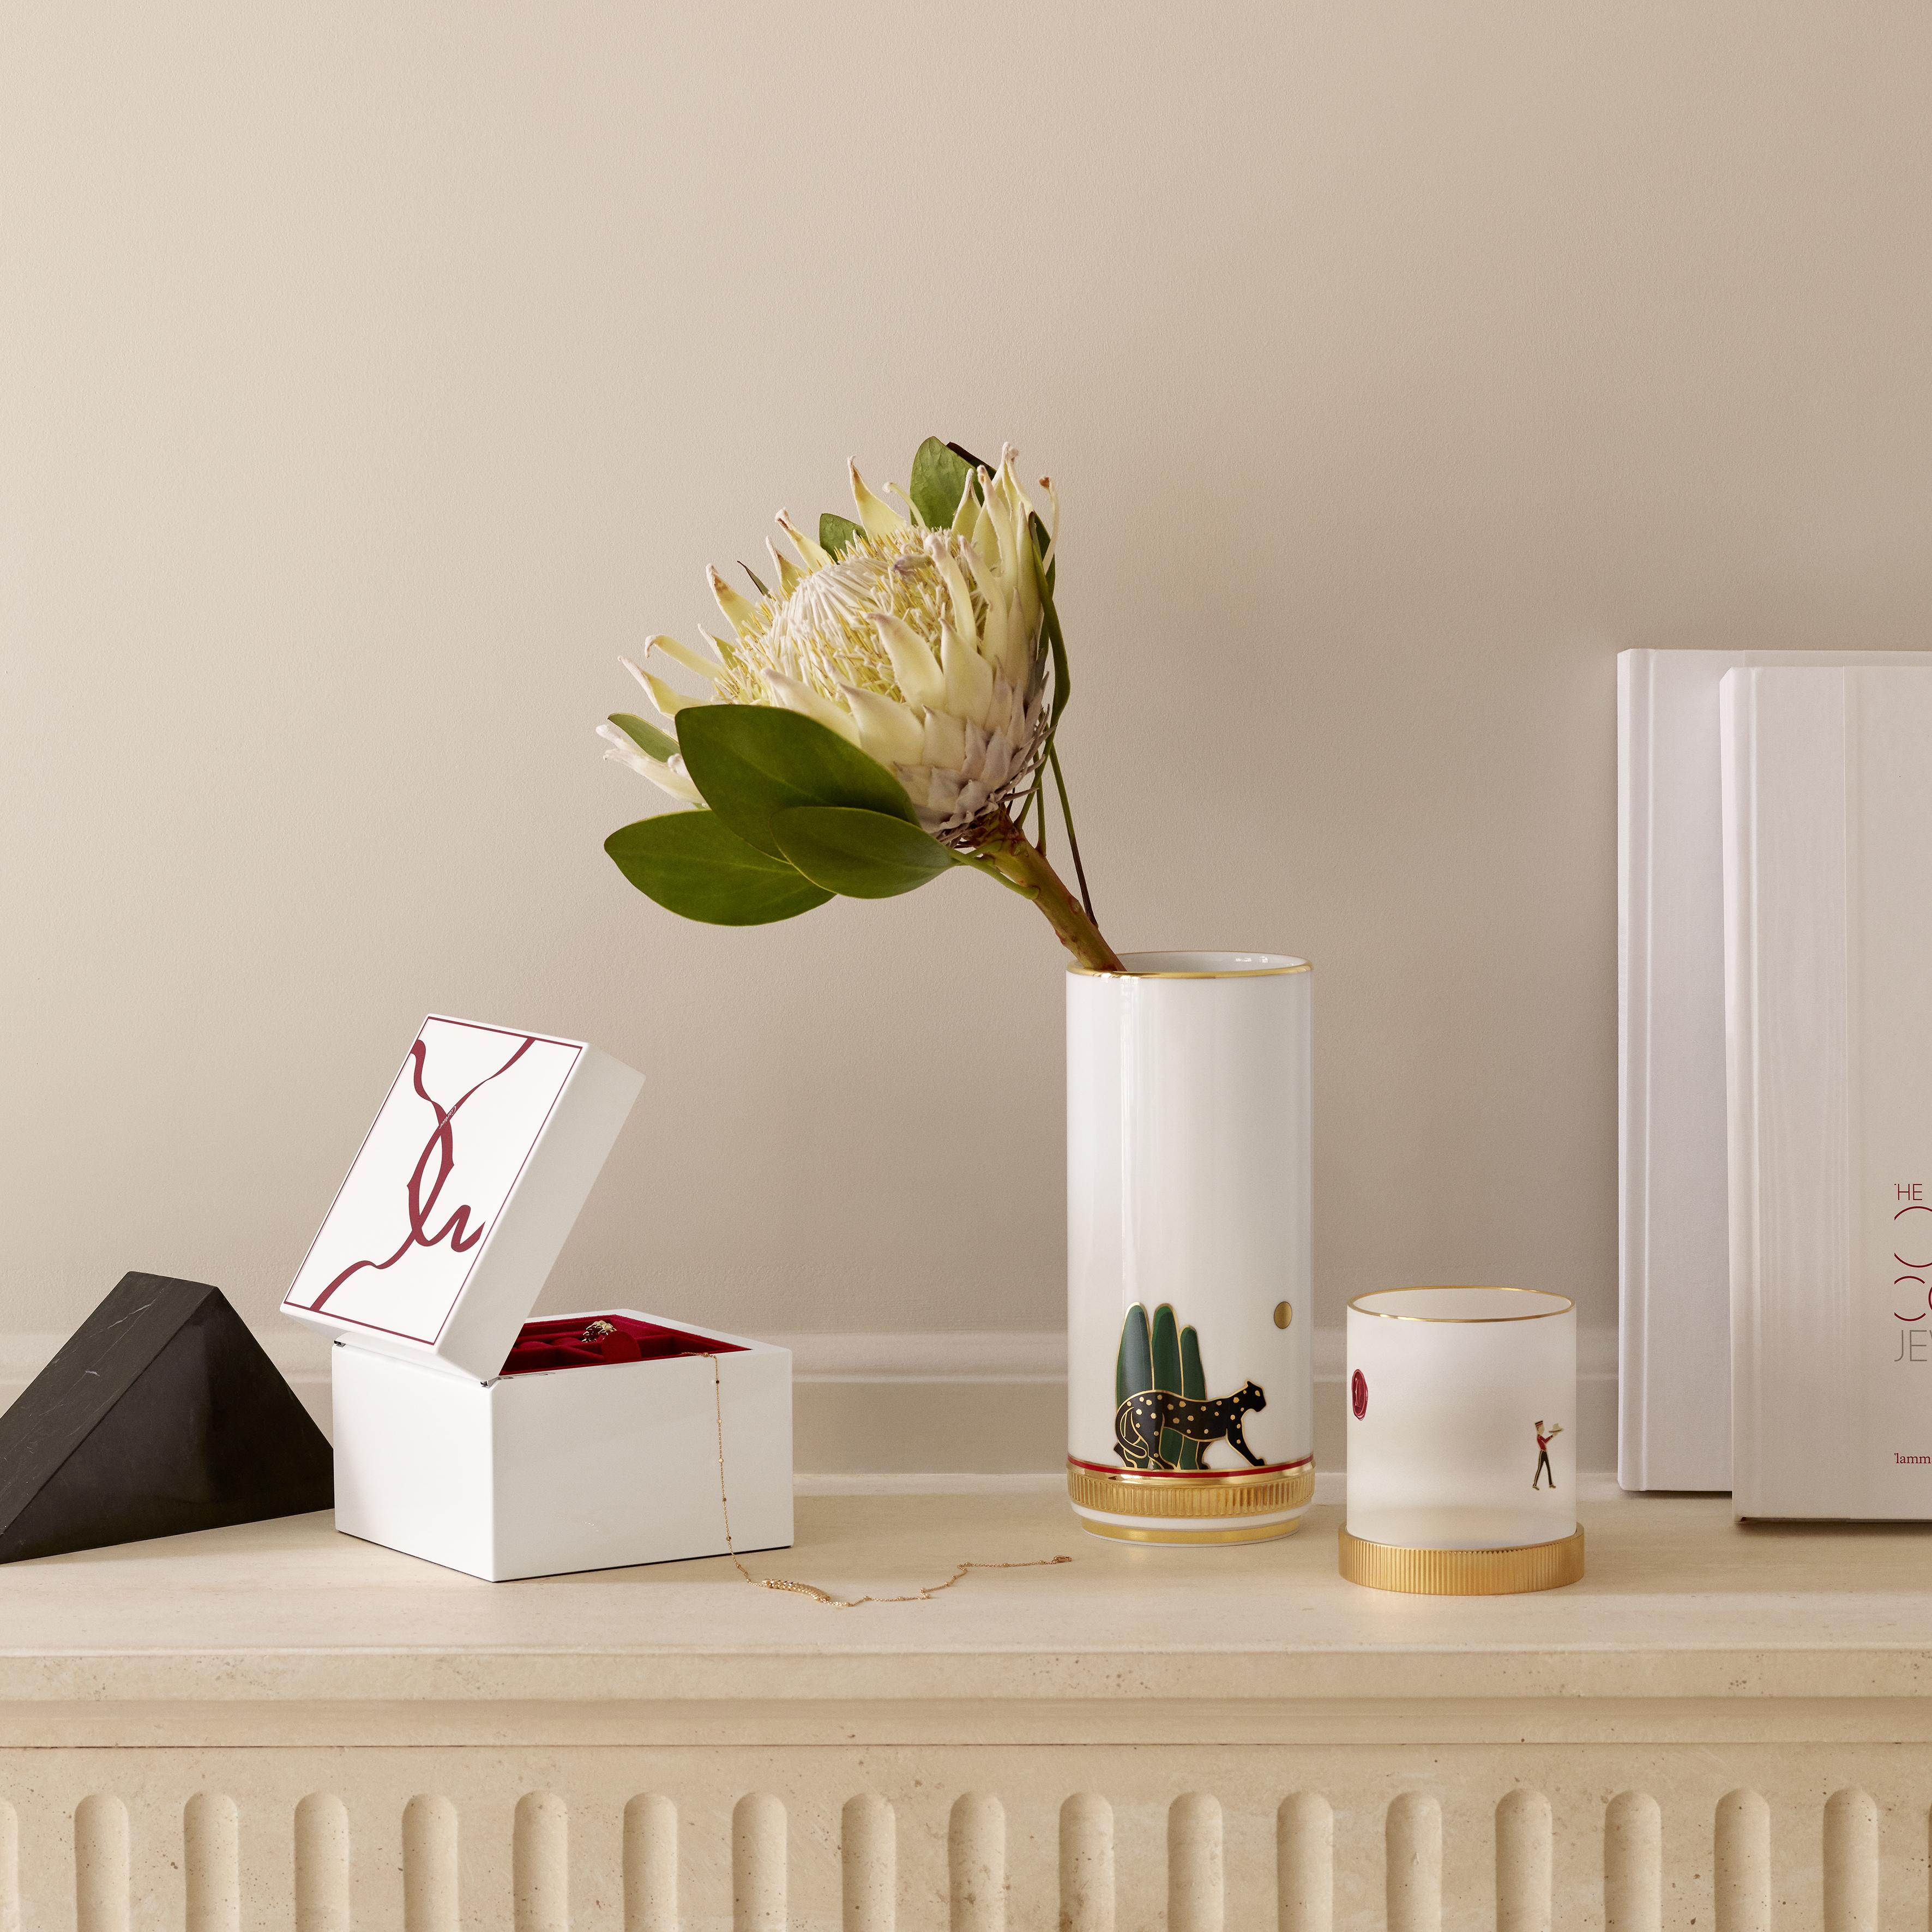 Cartier выпустил коллекцию праздничных предметов для дома